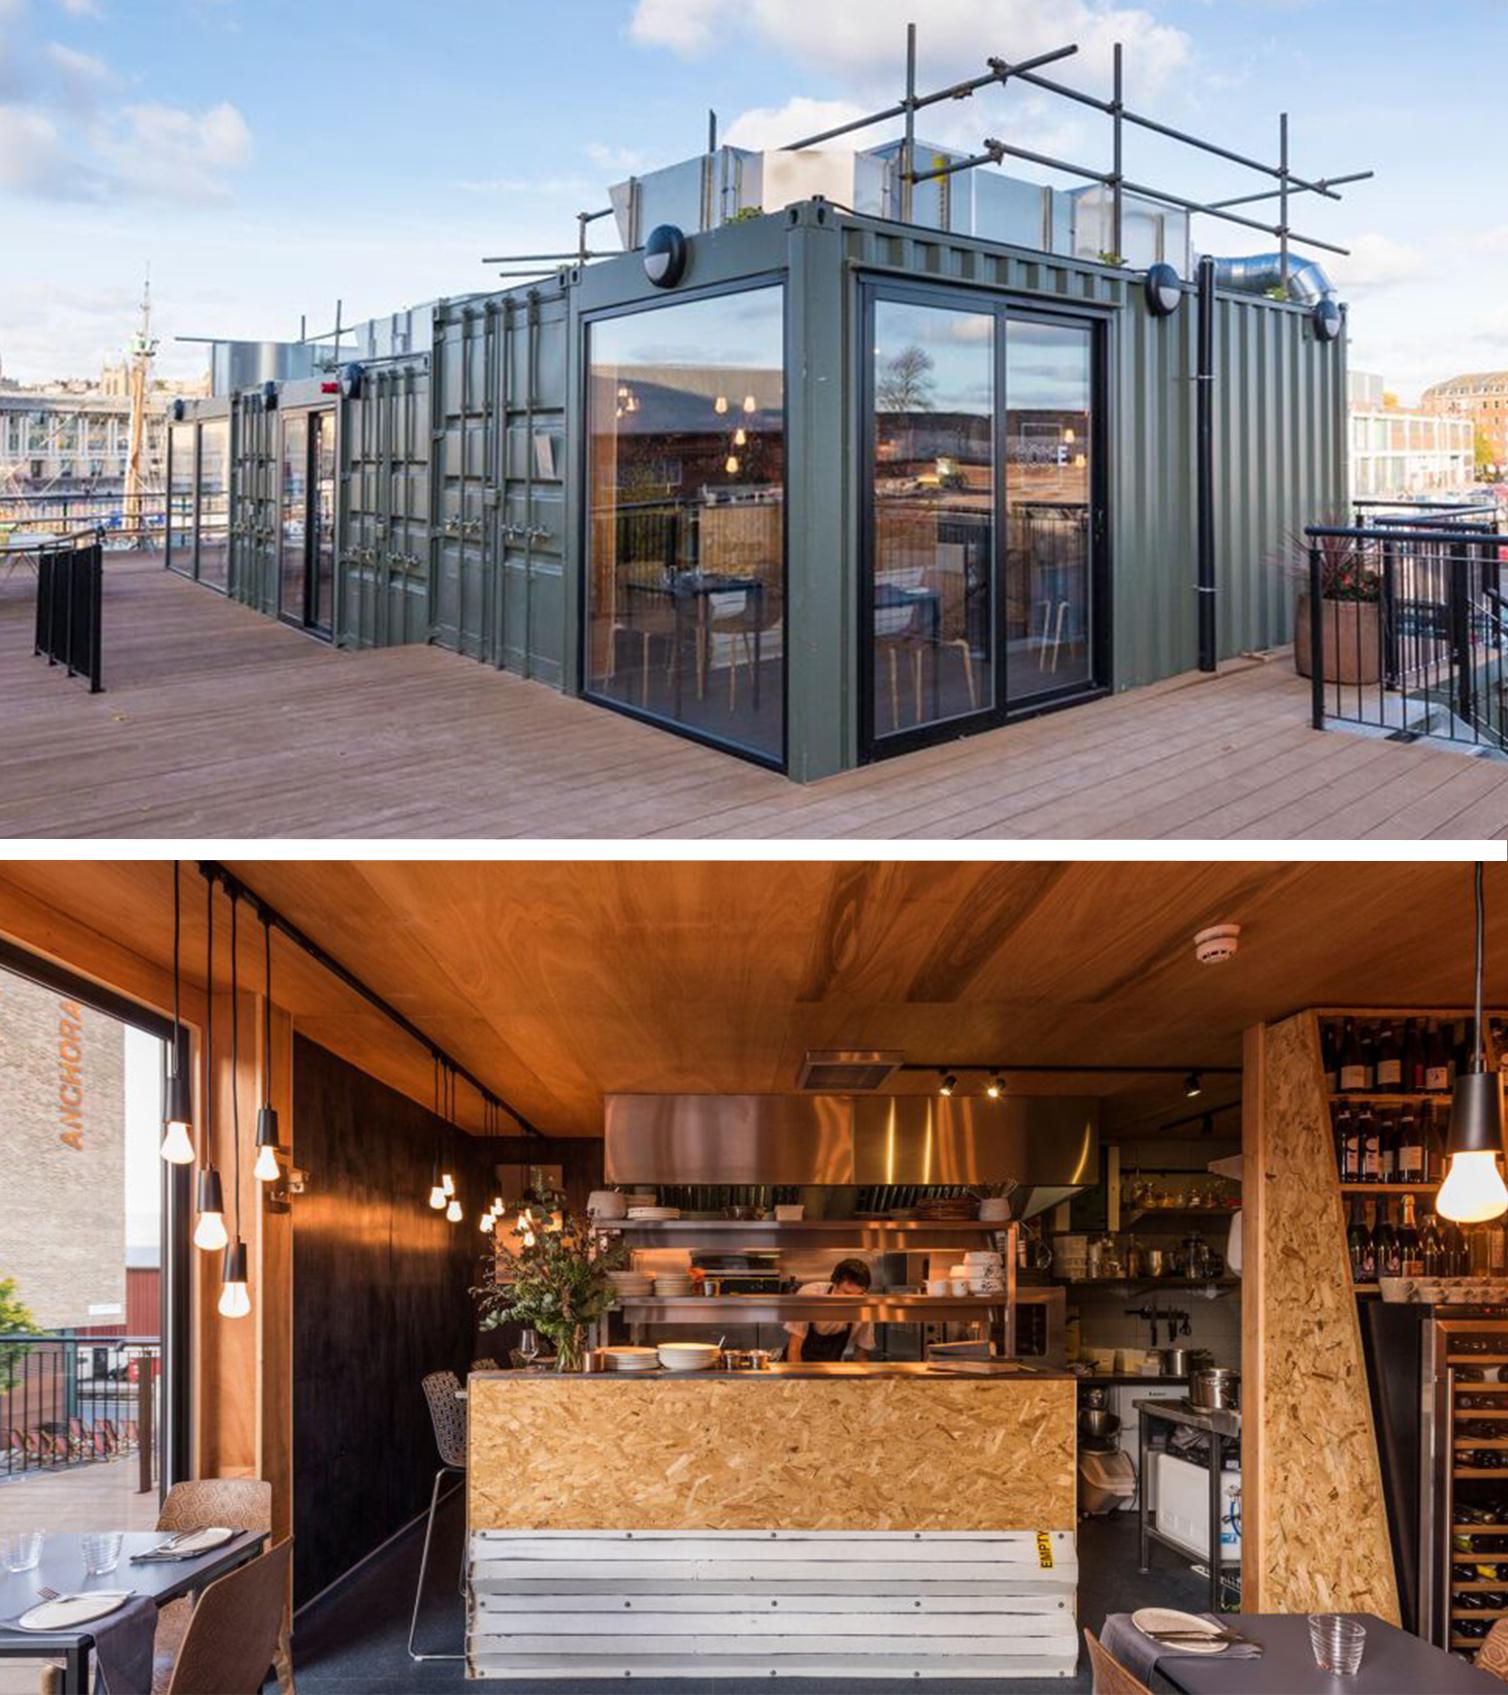 Inspirebox_box-e restaurant guide michelin_3